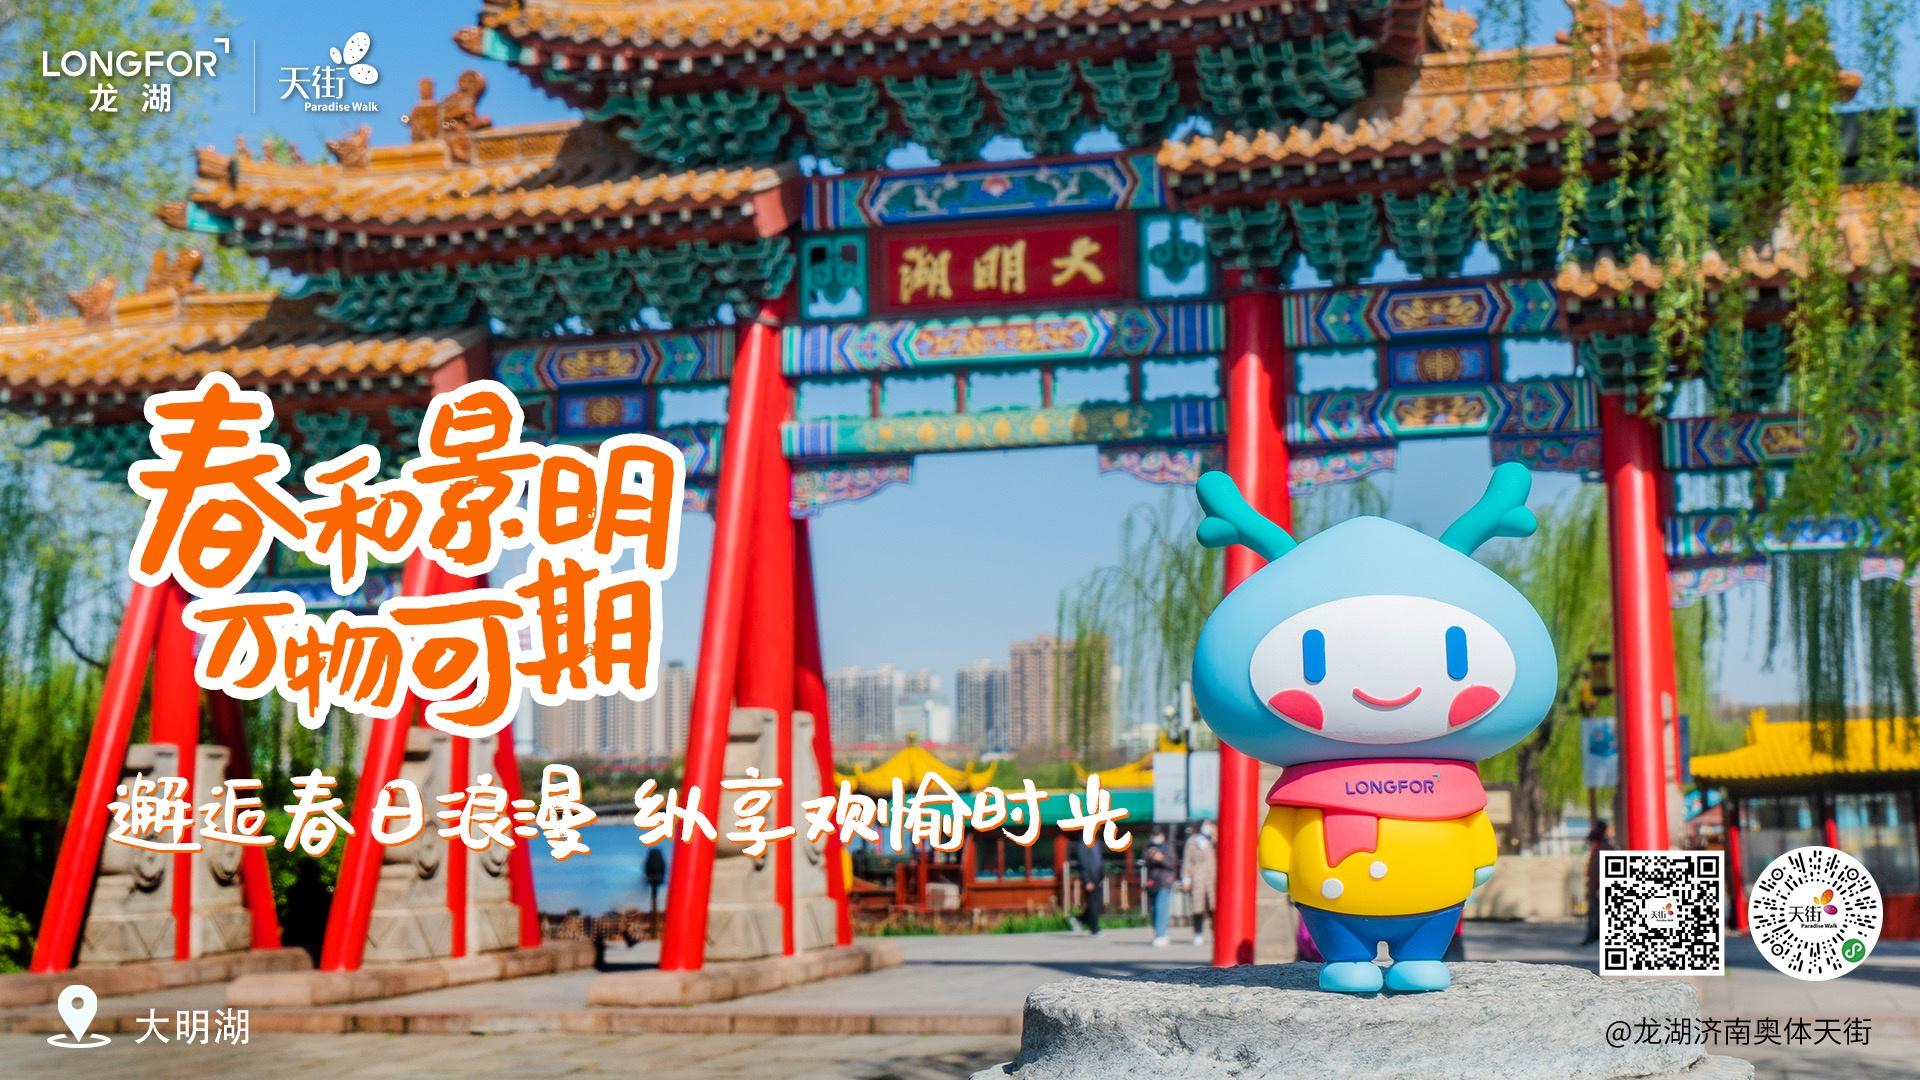 春和景明·万物可期龙湖济南奥体天街2020.12华美绽放